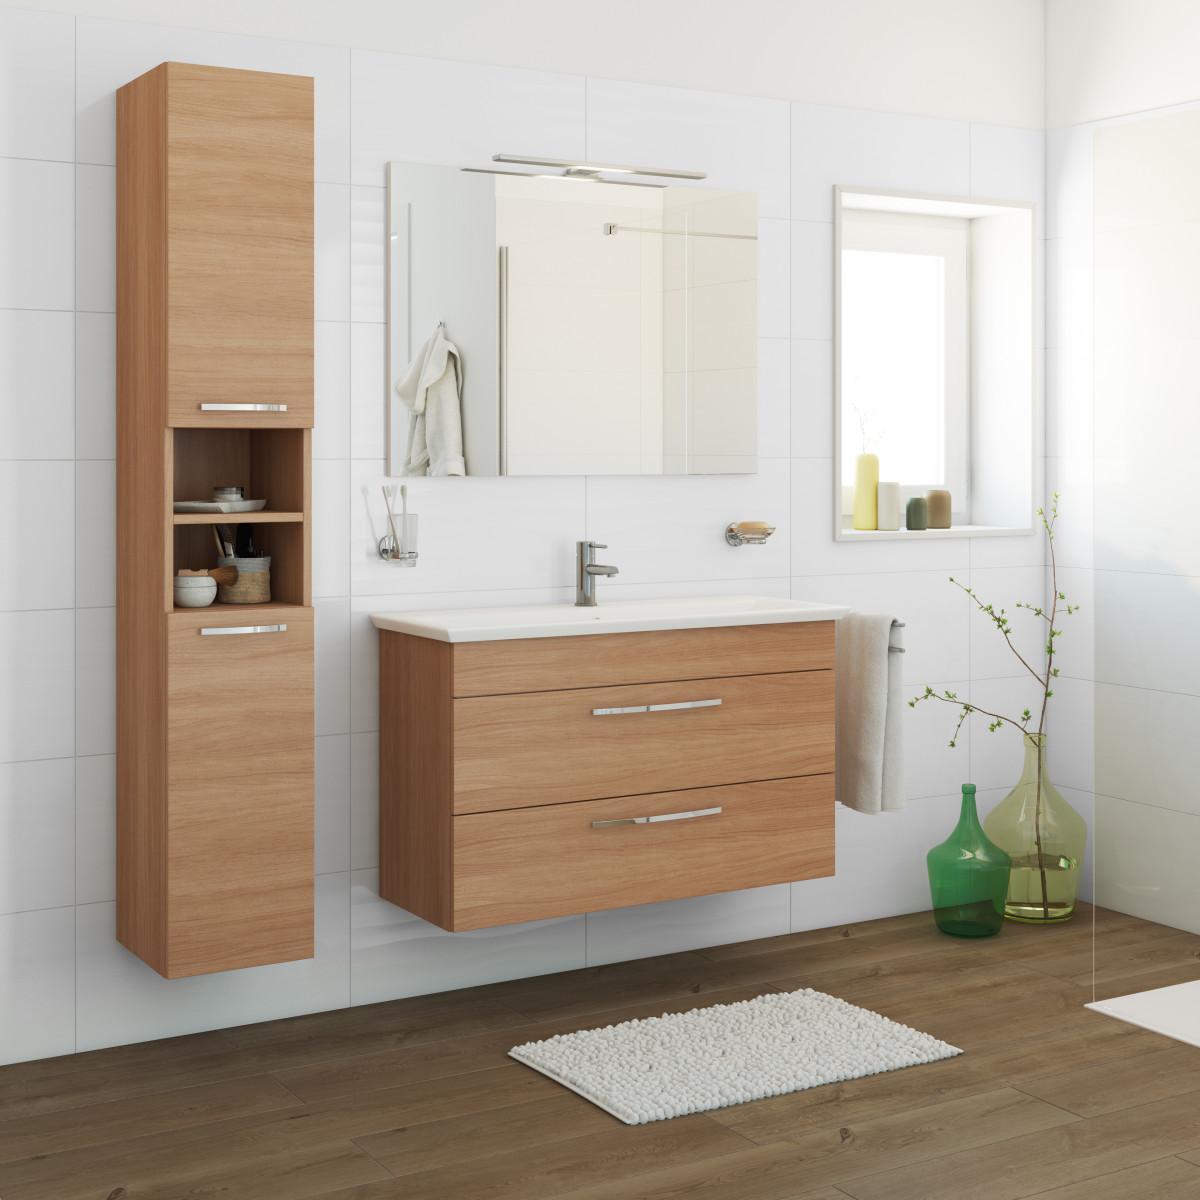 Disegno vintage bagno for Mobili da bagno ikea prezzi